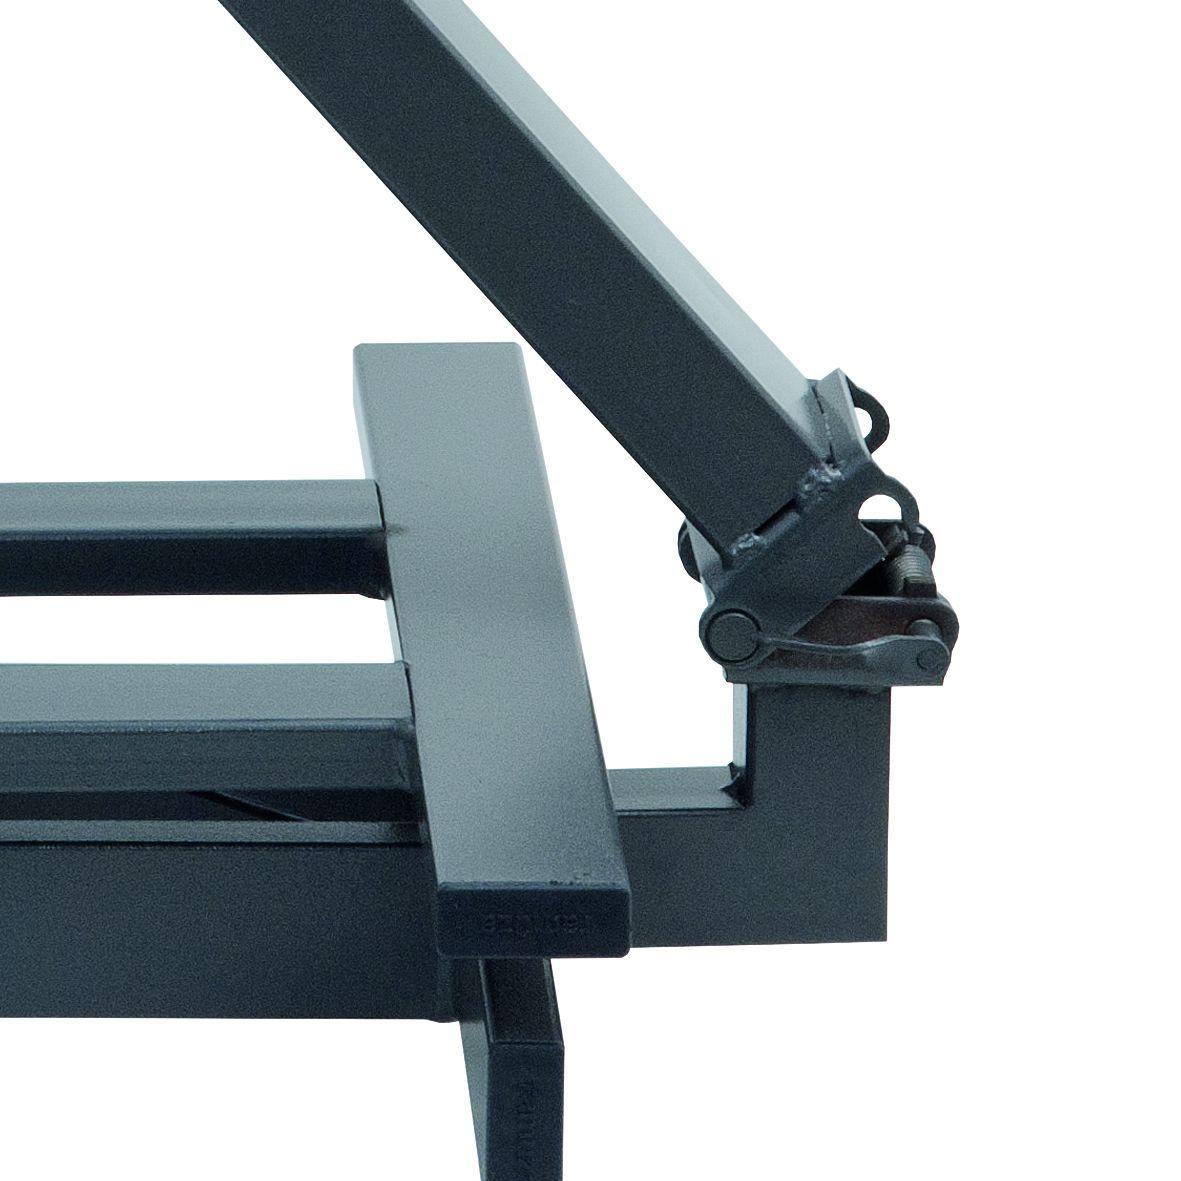 Balança Industrial Plataforma em Aço Carbono Ramuza DP - Capacidade:100kg, Base: 40x50cm, IDR de ABS sem bateria